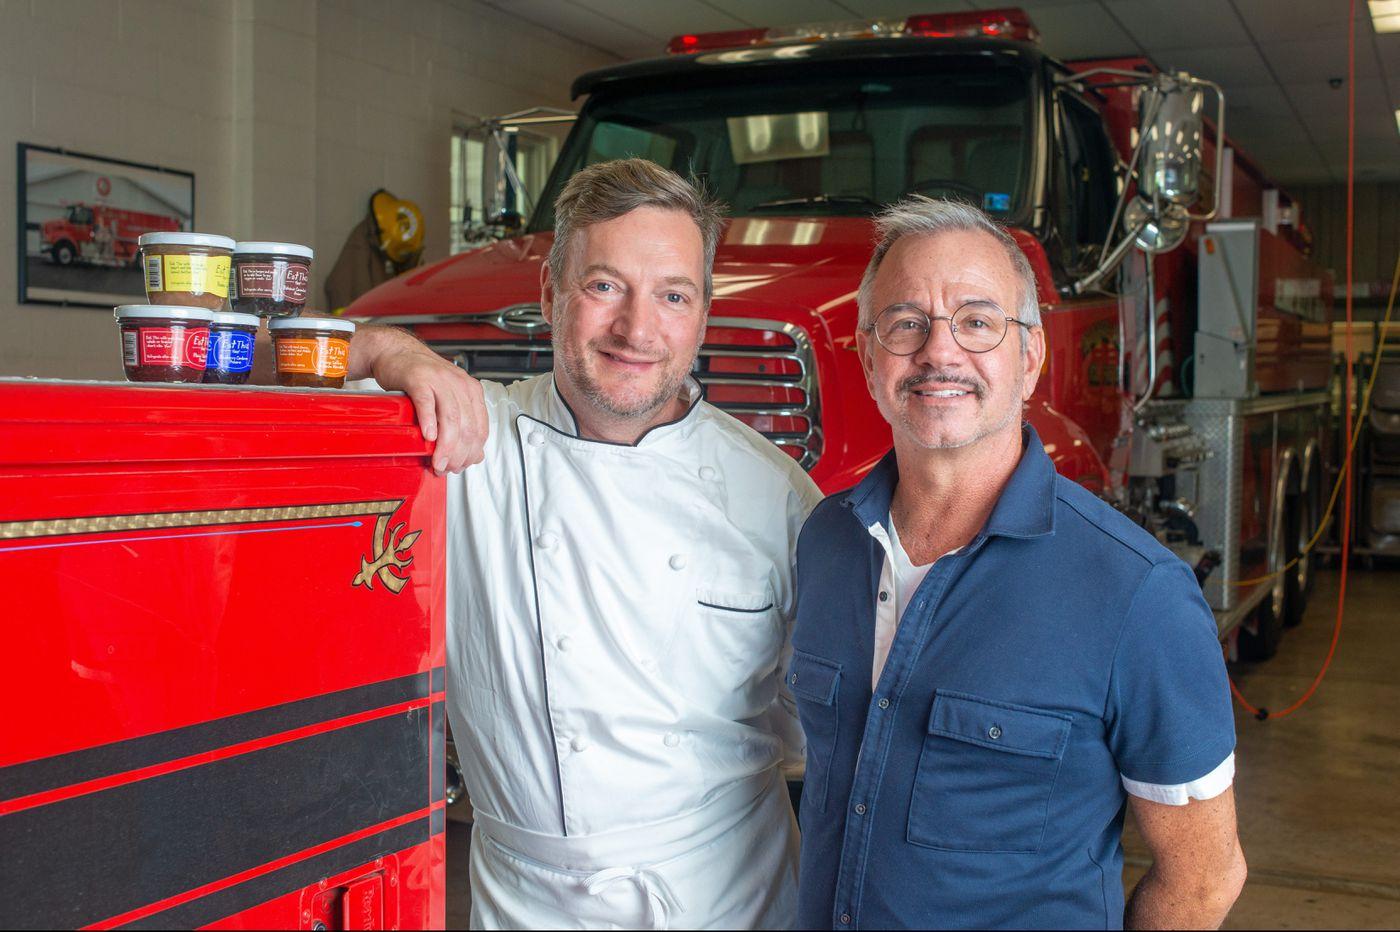 Bucks County firehouse enjoying fruits of jam company's labor